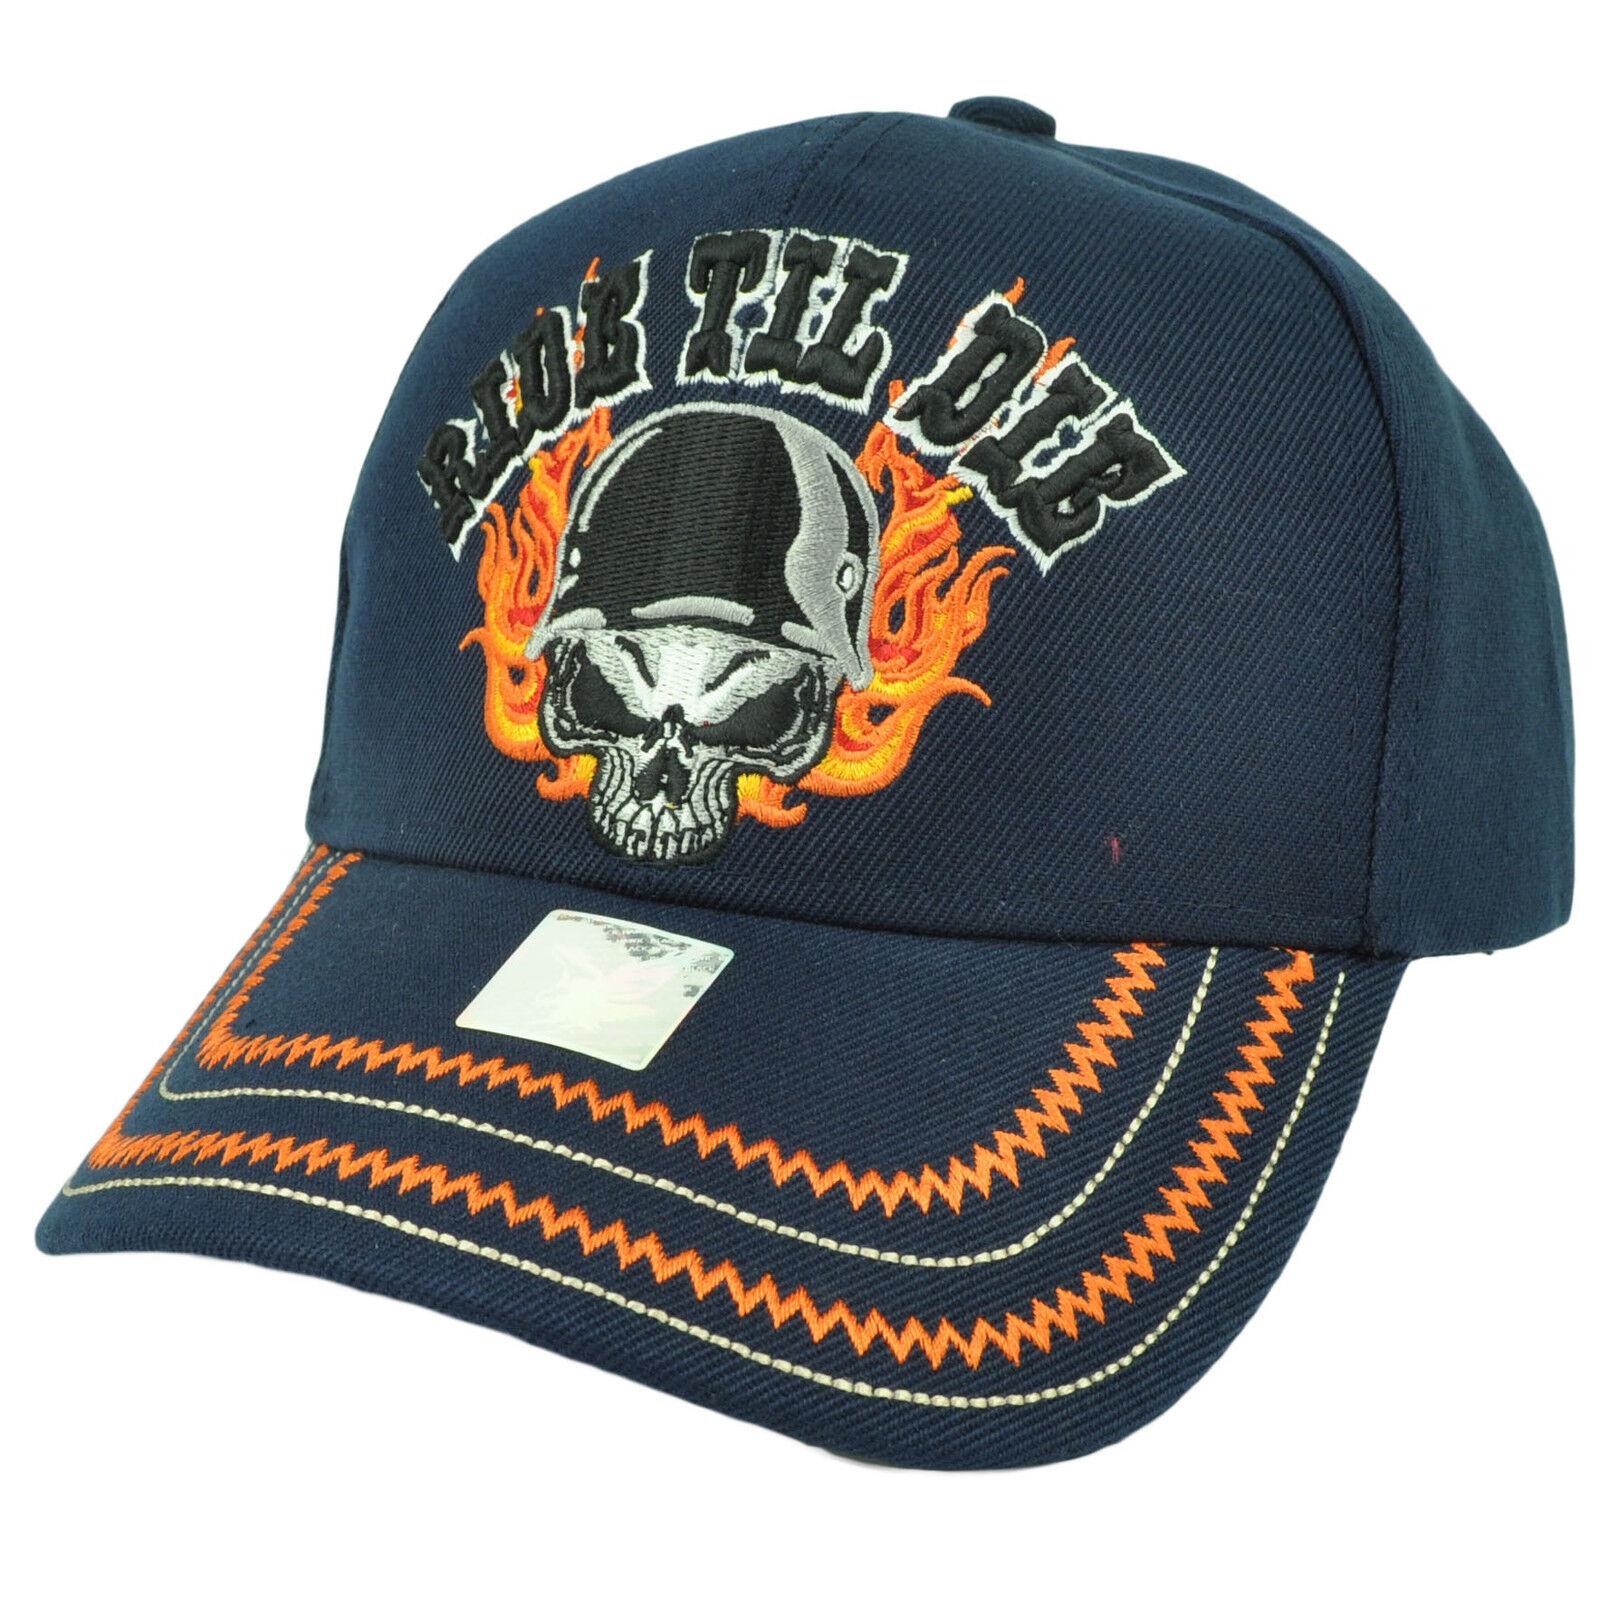 Ride Til Die Totenkopf Flamme Biker Leben Motorräder Hut Kappe Verstellbar Navy